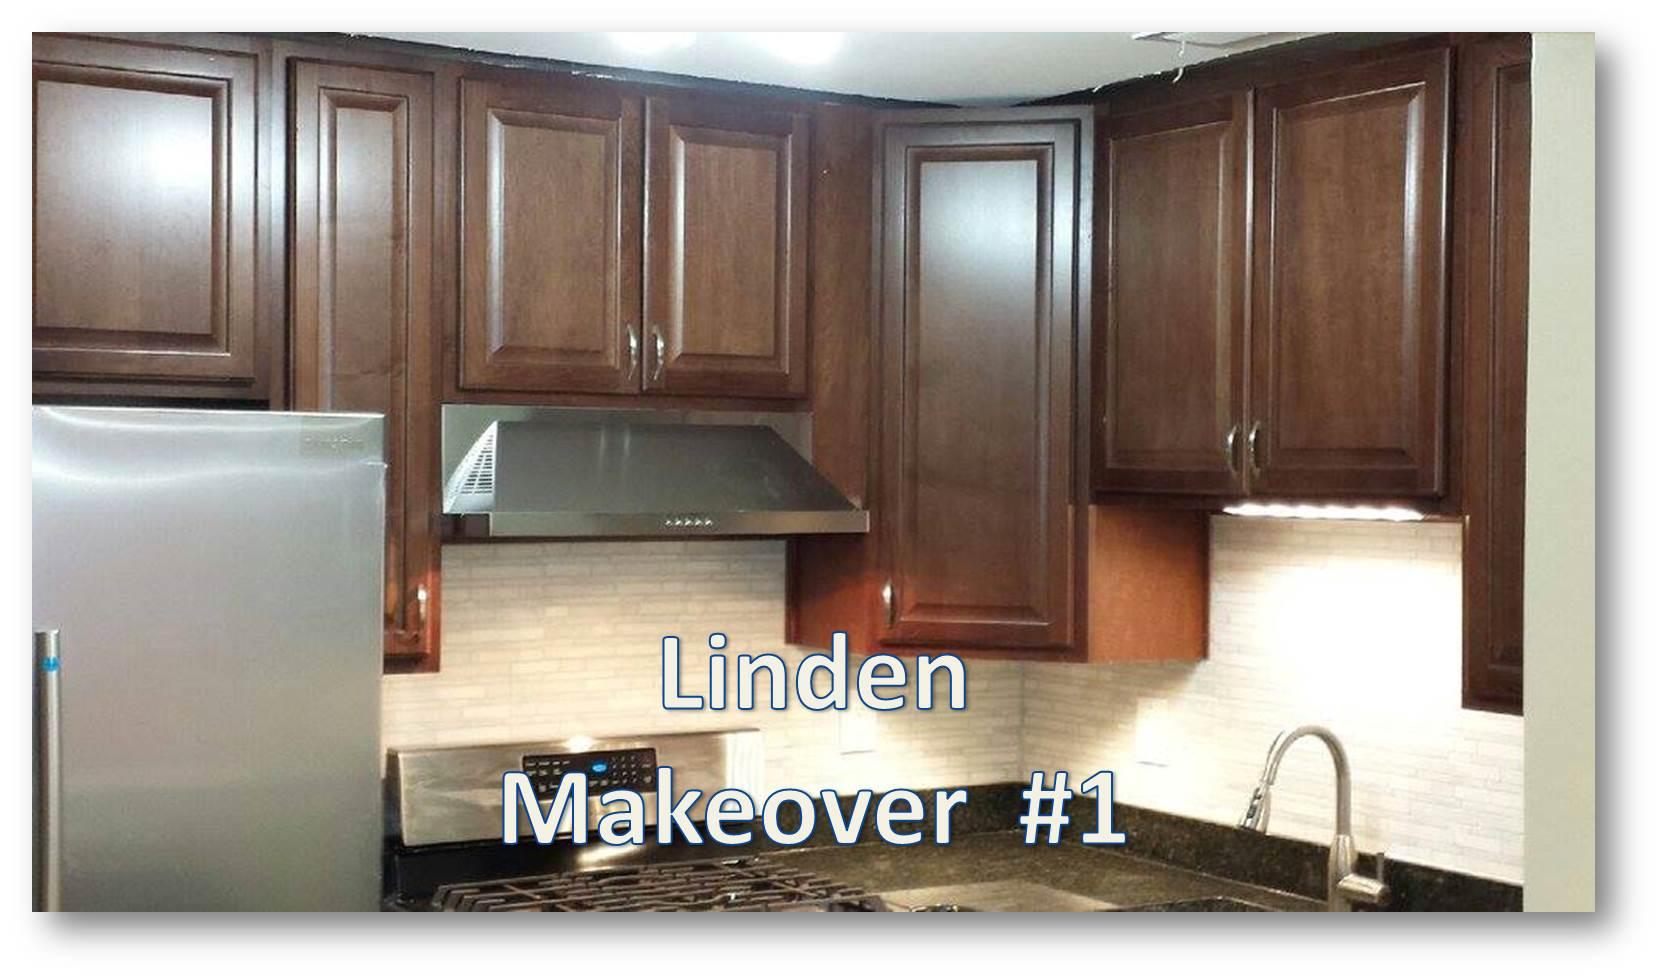 linden-makeover-1